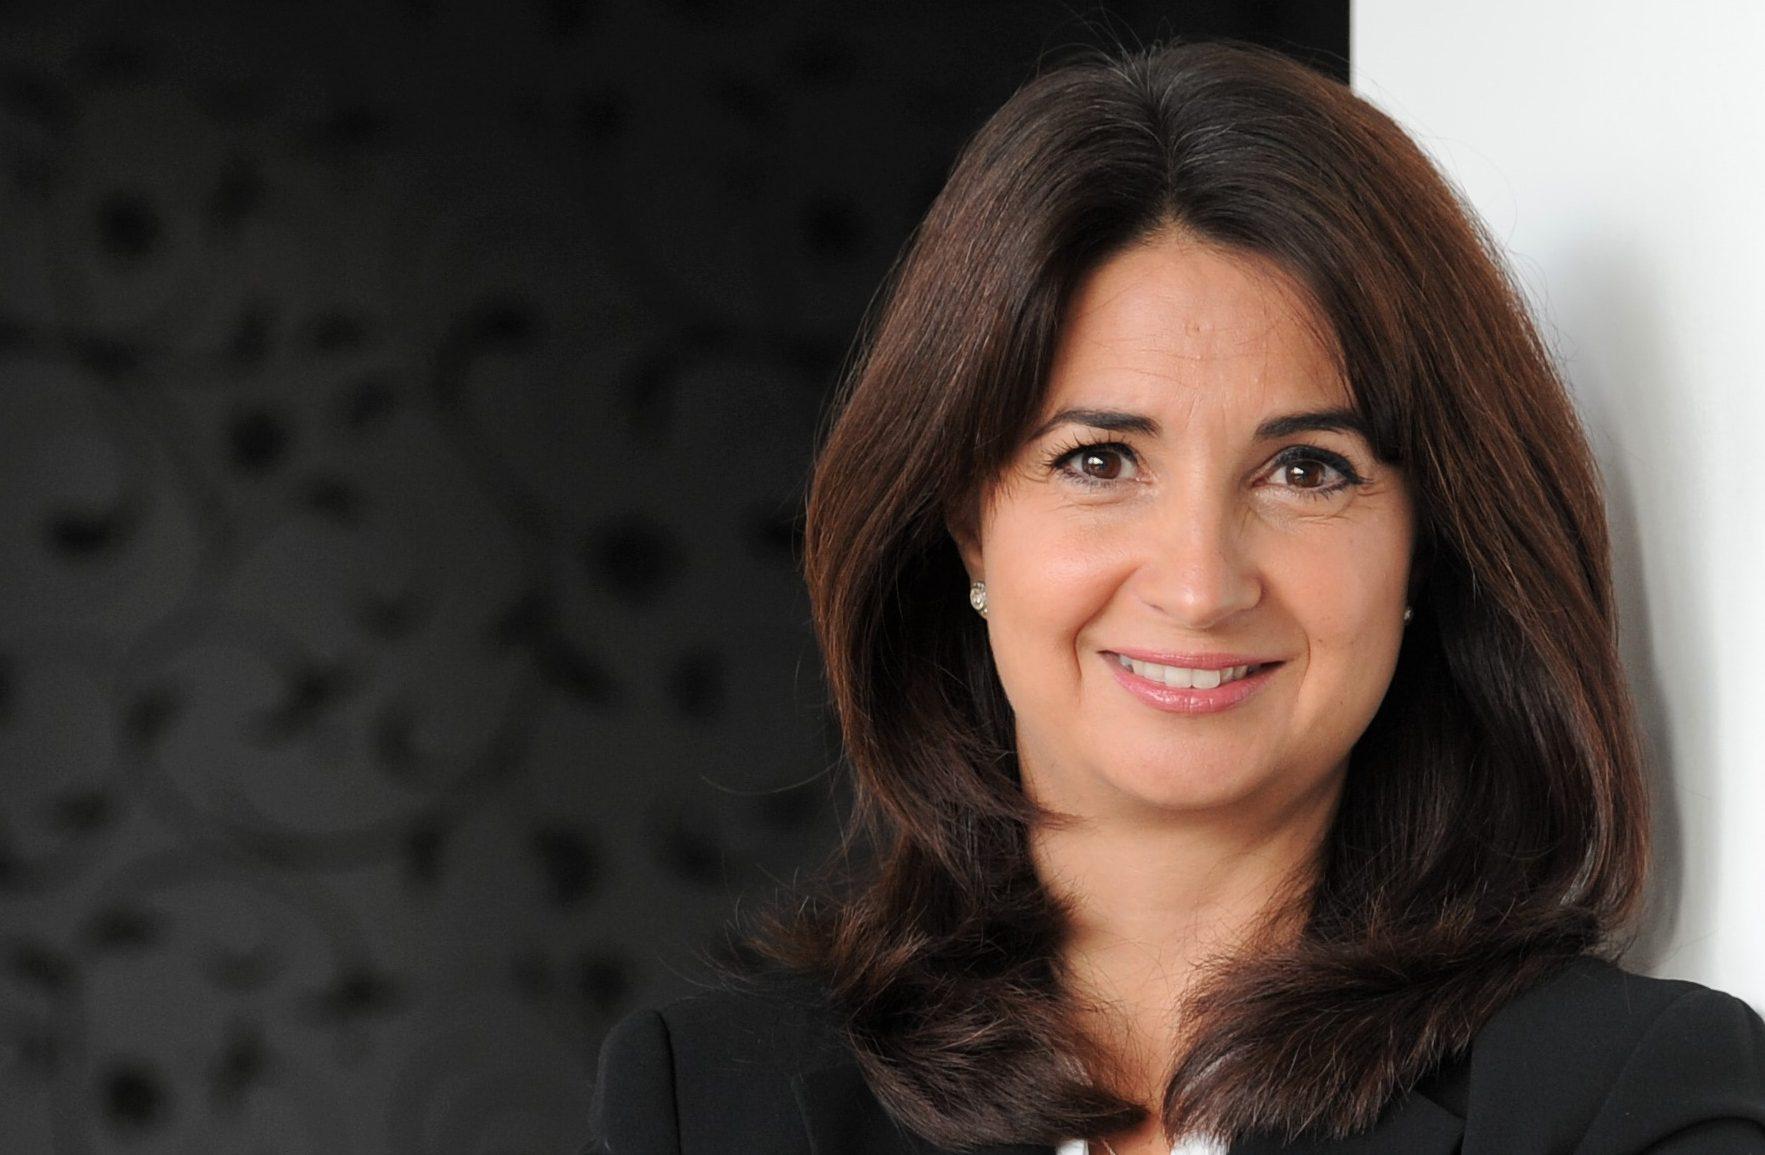 Sandra ist die Geschäftsführerin der Leverage Experts (Deutschland) und leitet die Practice Change & Transformation im deutschen Markt.